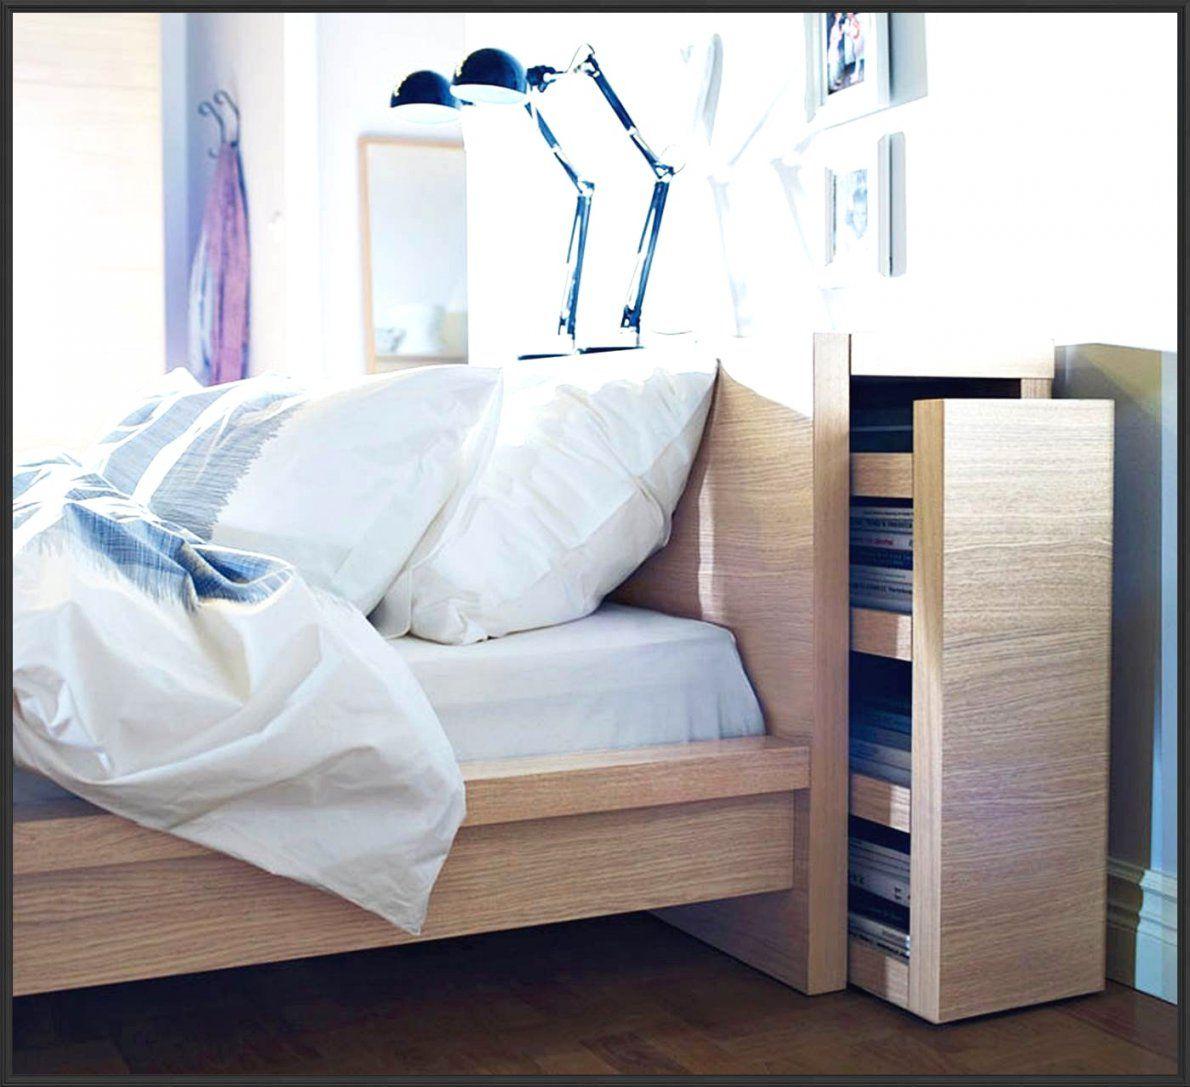 Entzückende Ideen Bett Kopfteil Mit Ablage Selber Bauen Und Schöne von Kopfteil Mit Ablage Selber Bauen Bild